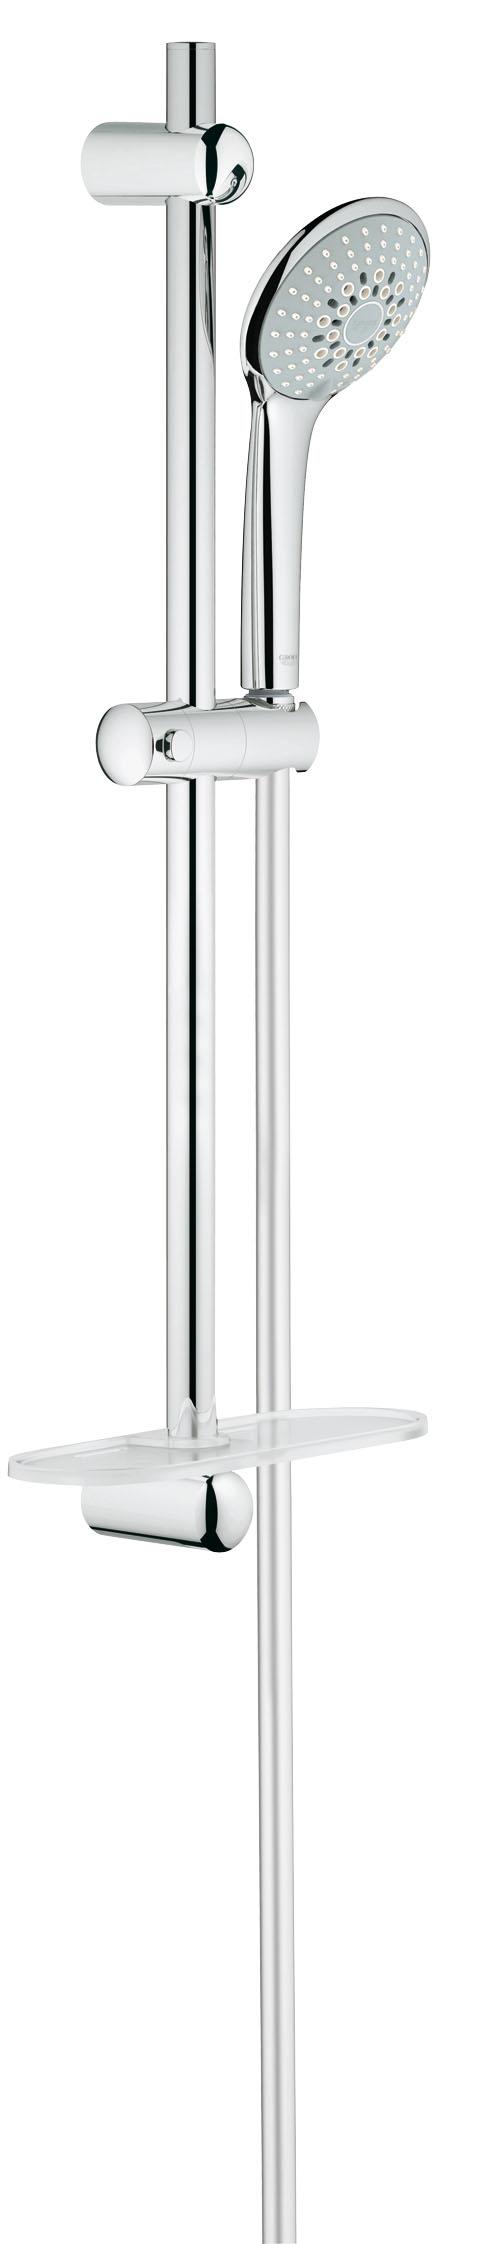 Душевой комплект GROHE Euphoria, штанга 600мм. (27232001)27232001GROHE Euphoria 110 Champagne: стильный душевой гарнитур со штангой для роскошных душевых процедур В дополнение к режимам Rain и SmartRain, данный ручной душ из серии GROHE Euphoria также оснащен роскошным режимом струи Champagne, в котором воздух затягивается в душевую головку и смешивается с водой. При этом создается чрезвычайно расслабляющий и нежный поток воды, окутывающий Вас с головы до ног. Данный ручной душ комплектуется душевой штангой длиной 600 мм, а также запатентованной системой крепления QuickFix, которая позволяет быстро и легко осуществить монтаж, используя имеющиеся отверстия в стене или просверлив новые в межплиточных швах. Благодаря входящему в комплект шлангу TwistFree распутывание перекрученных душевых шлангов останется для Вас в прошлом. Износостойкое покрытие GROHE StarLight чрезвычайно неприхотливо в уходе. В комплект входит еще один удобный аксессуар – полочка GROHE EasyReach, с которой шампунь и гель для душа всегда будут под рукой.Особенности:Включает в себя: Ручной душ Champagne (27 222 000) Душевая штанга, 600 мм (27 499 000) GROHE QuickFix(регулируемое расстояние между настенными креплениями штанги позволяет использовать для монтажа уже имеющиеся отверстия в стене) Душевой шланг 1750 мм (28 388 000) Полочка GROHE EasyReach™(27 596 000) GROHE DreamSpray превосходный поток воды GROHE SprayDimmer GROHE StarLight хромированная поверхностьС системой SpeedClean против известковых отложений Внутренний охлаждающий канал для продолжительного срока службы Twistfree против перекручивания шлангаВидео по установке является исключительно информационным. Установка должна проводиться профессионалами!